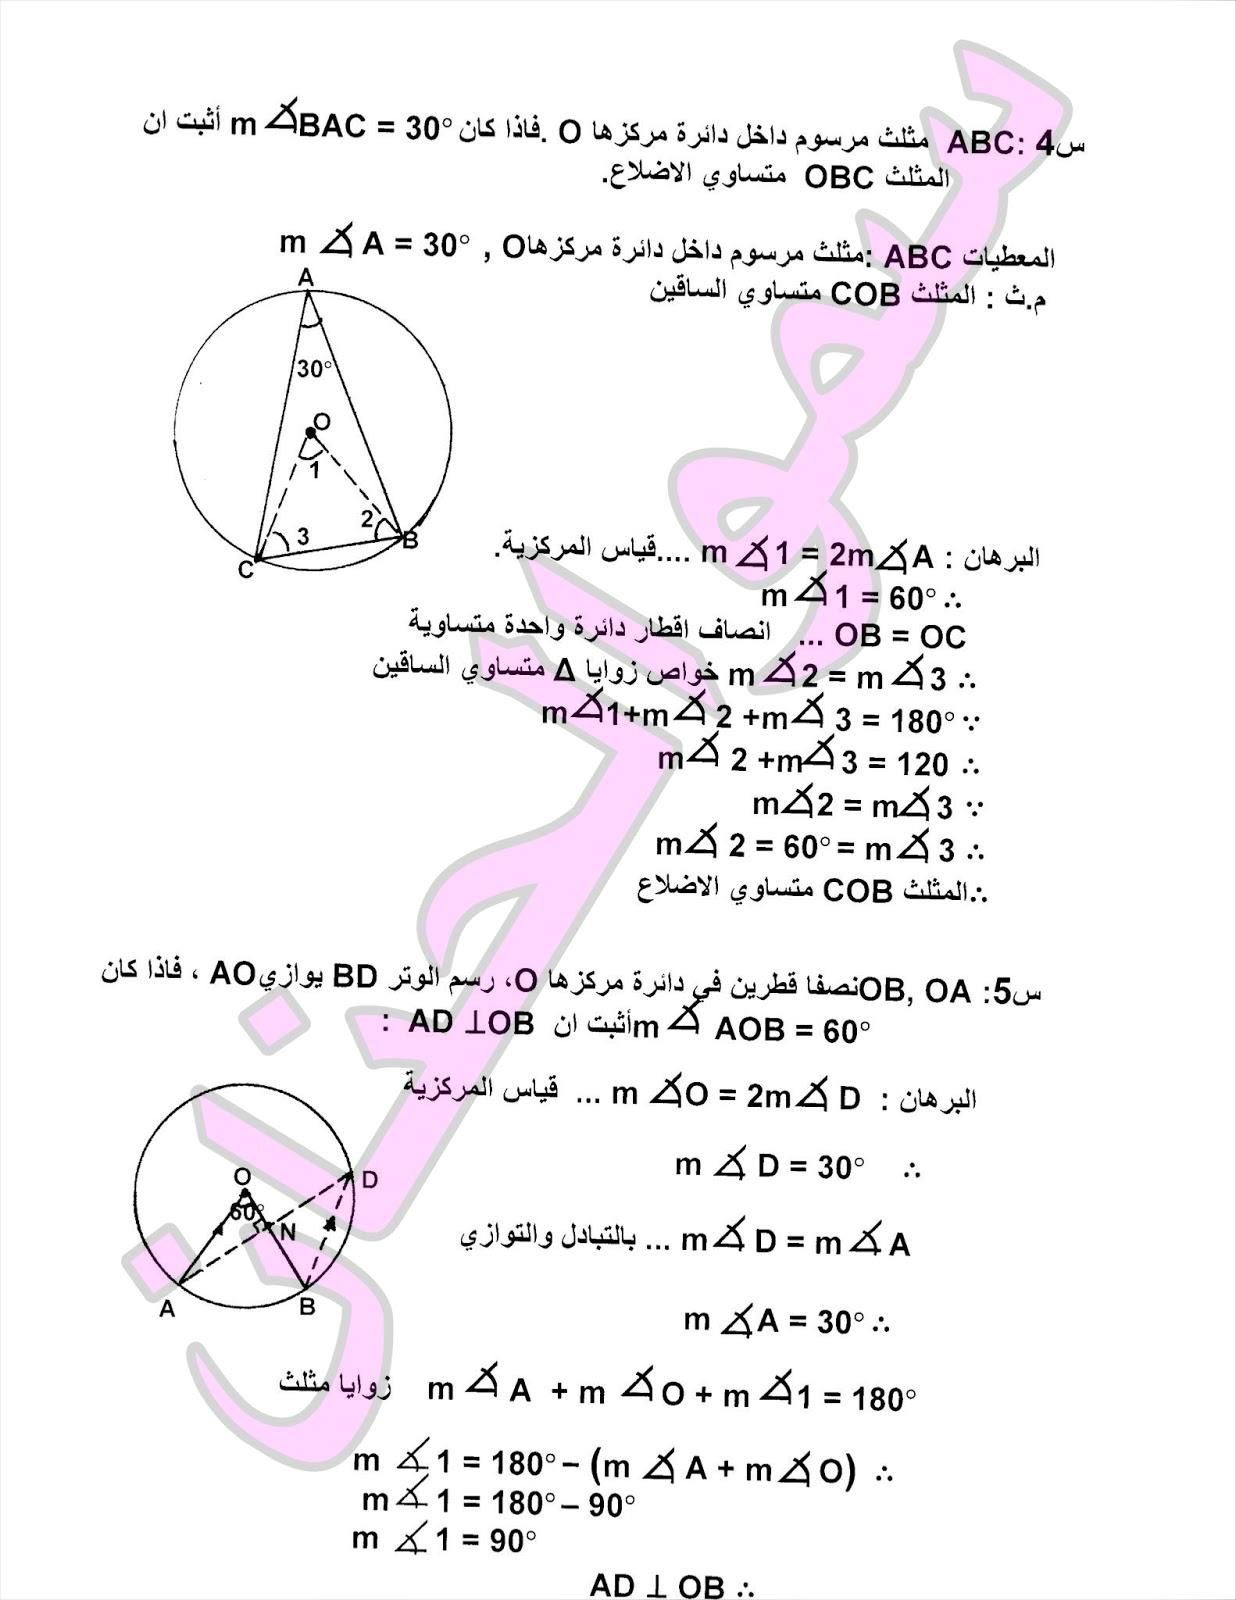 المراجعة المركزة وملخص لمادة الرياضيات للصف الثالث المتوسط 2017 | الجزء 3 1910